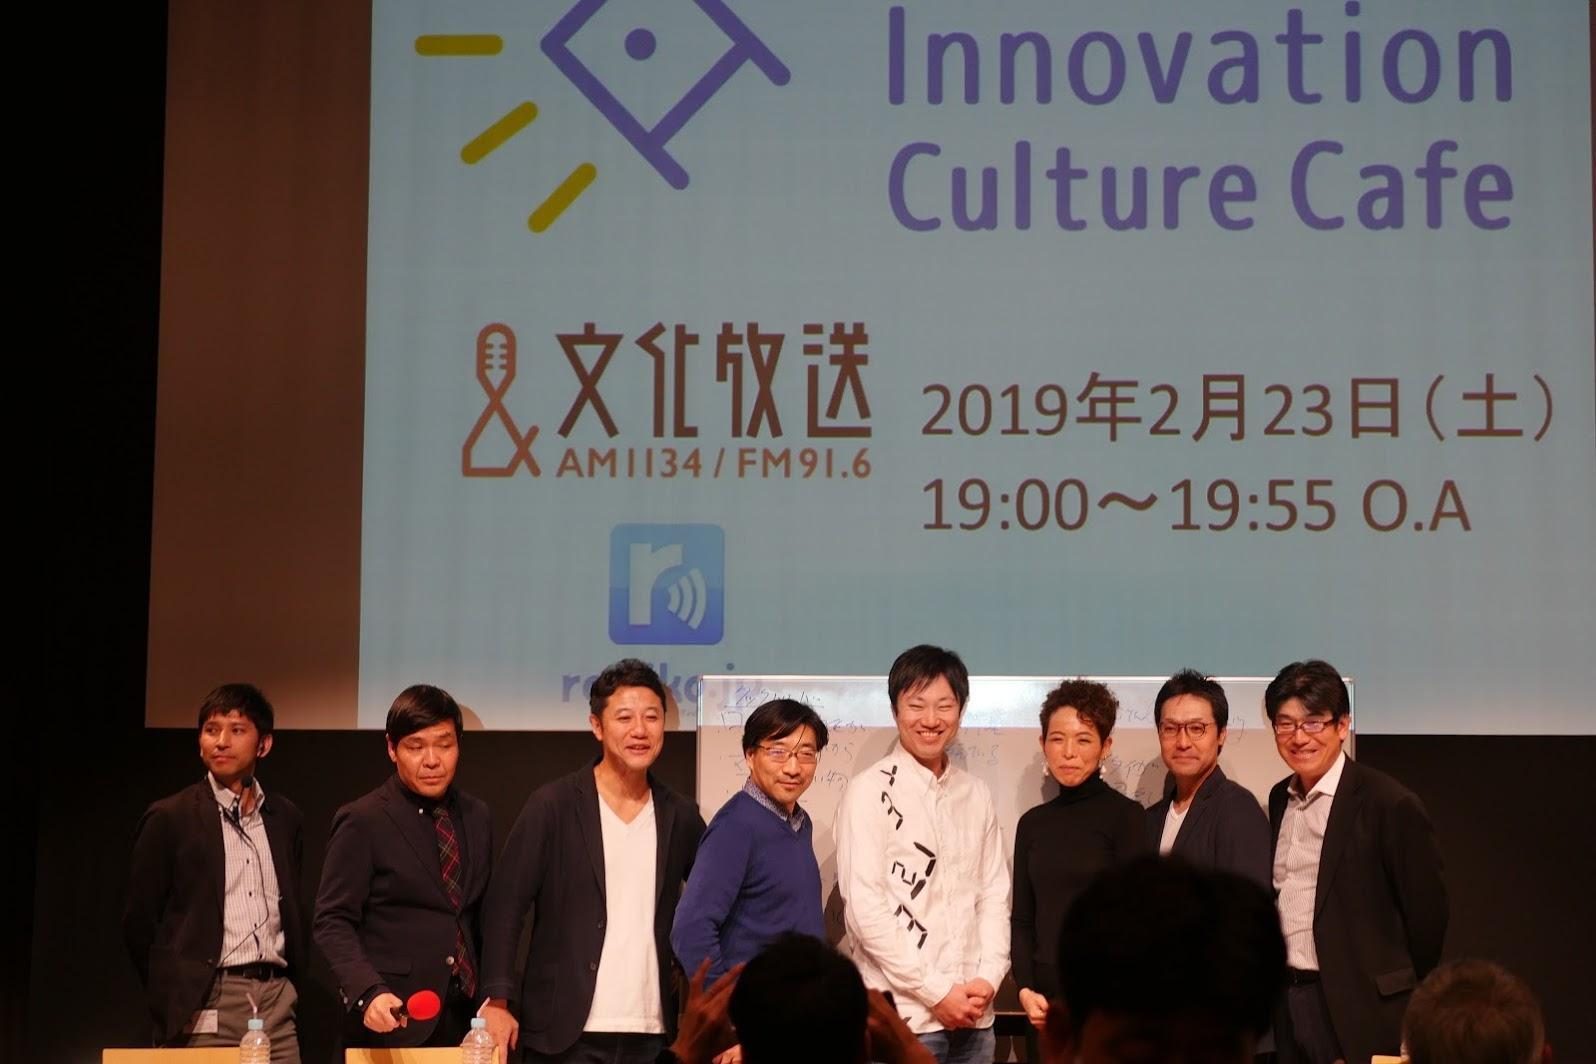 8_登壇者みんなで写真_Picture with all the speakers.JPG